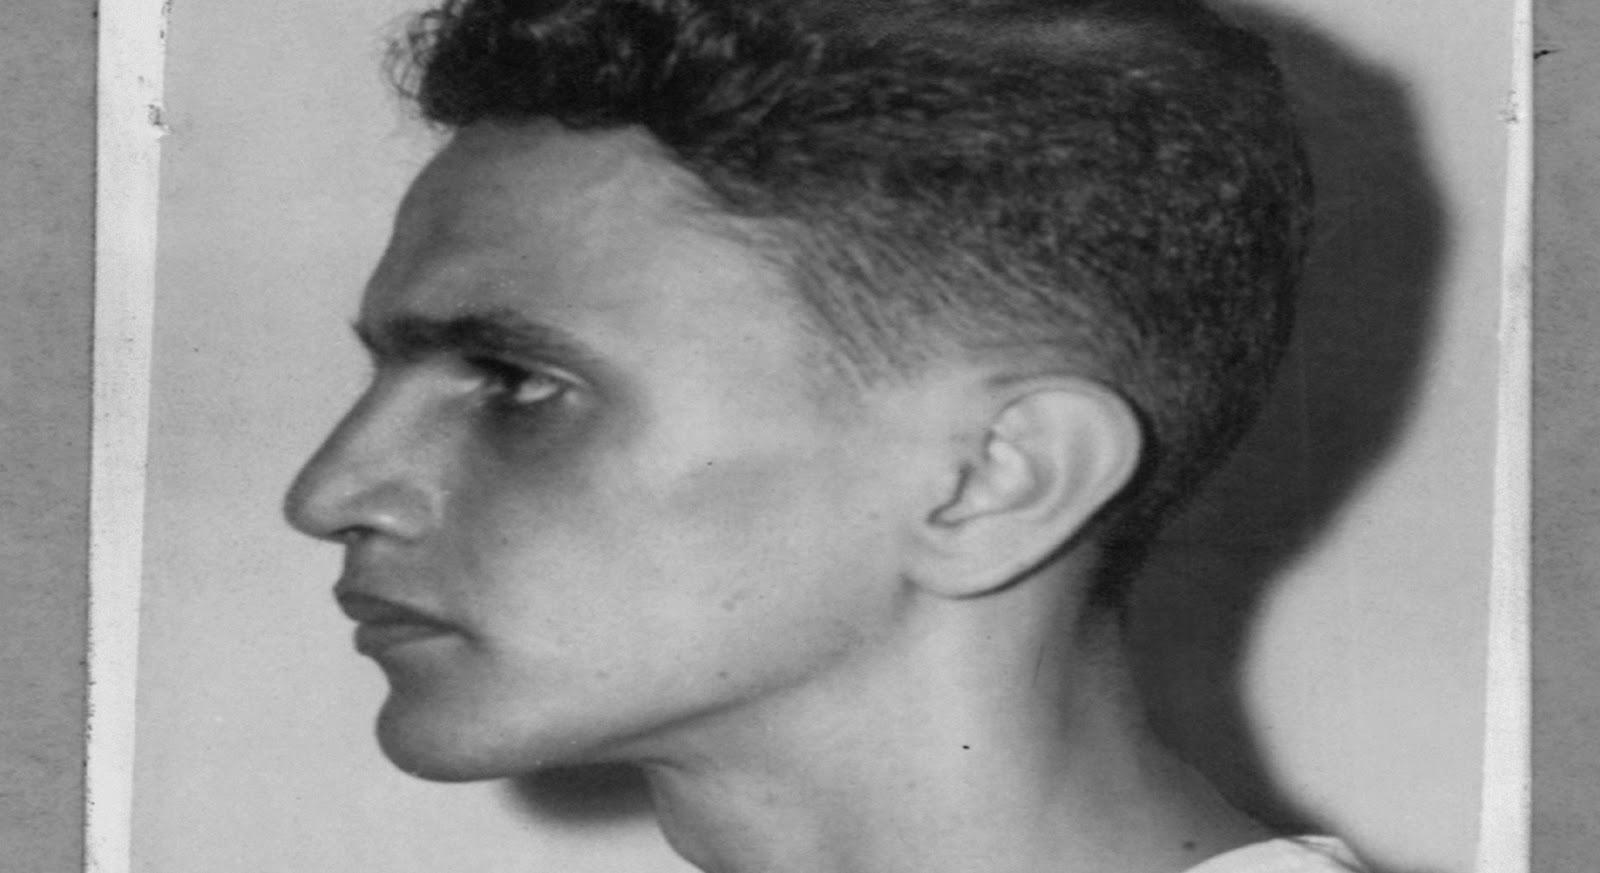 Narciso em Férias | Cartaz traz imagem rara de Caetano Veloso preso